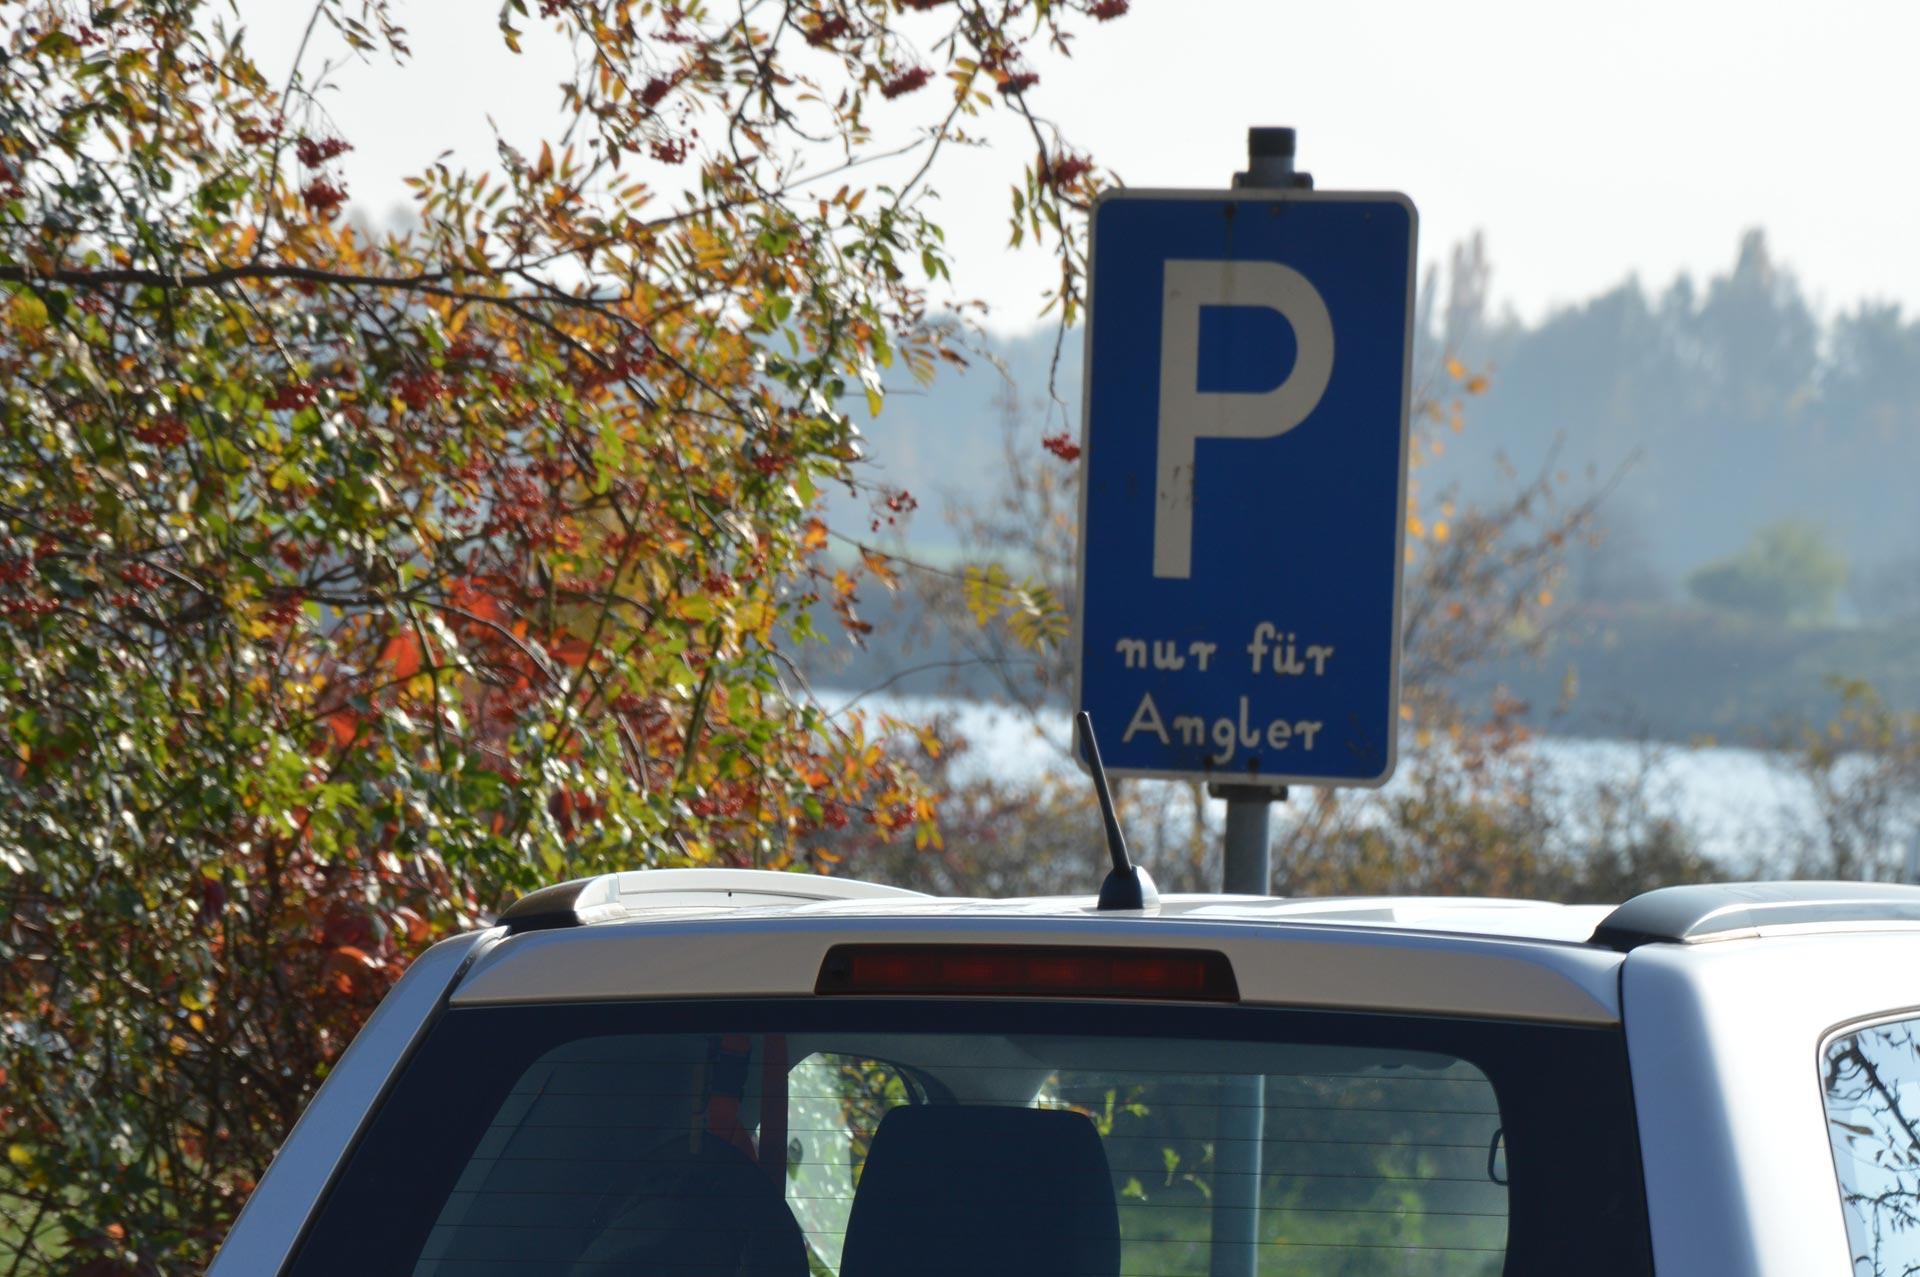 Speziell für Angler ausgewiesener Parkplatz an Donau bei Donaustauf